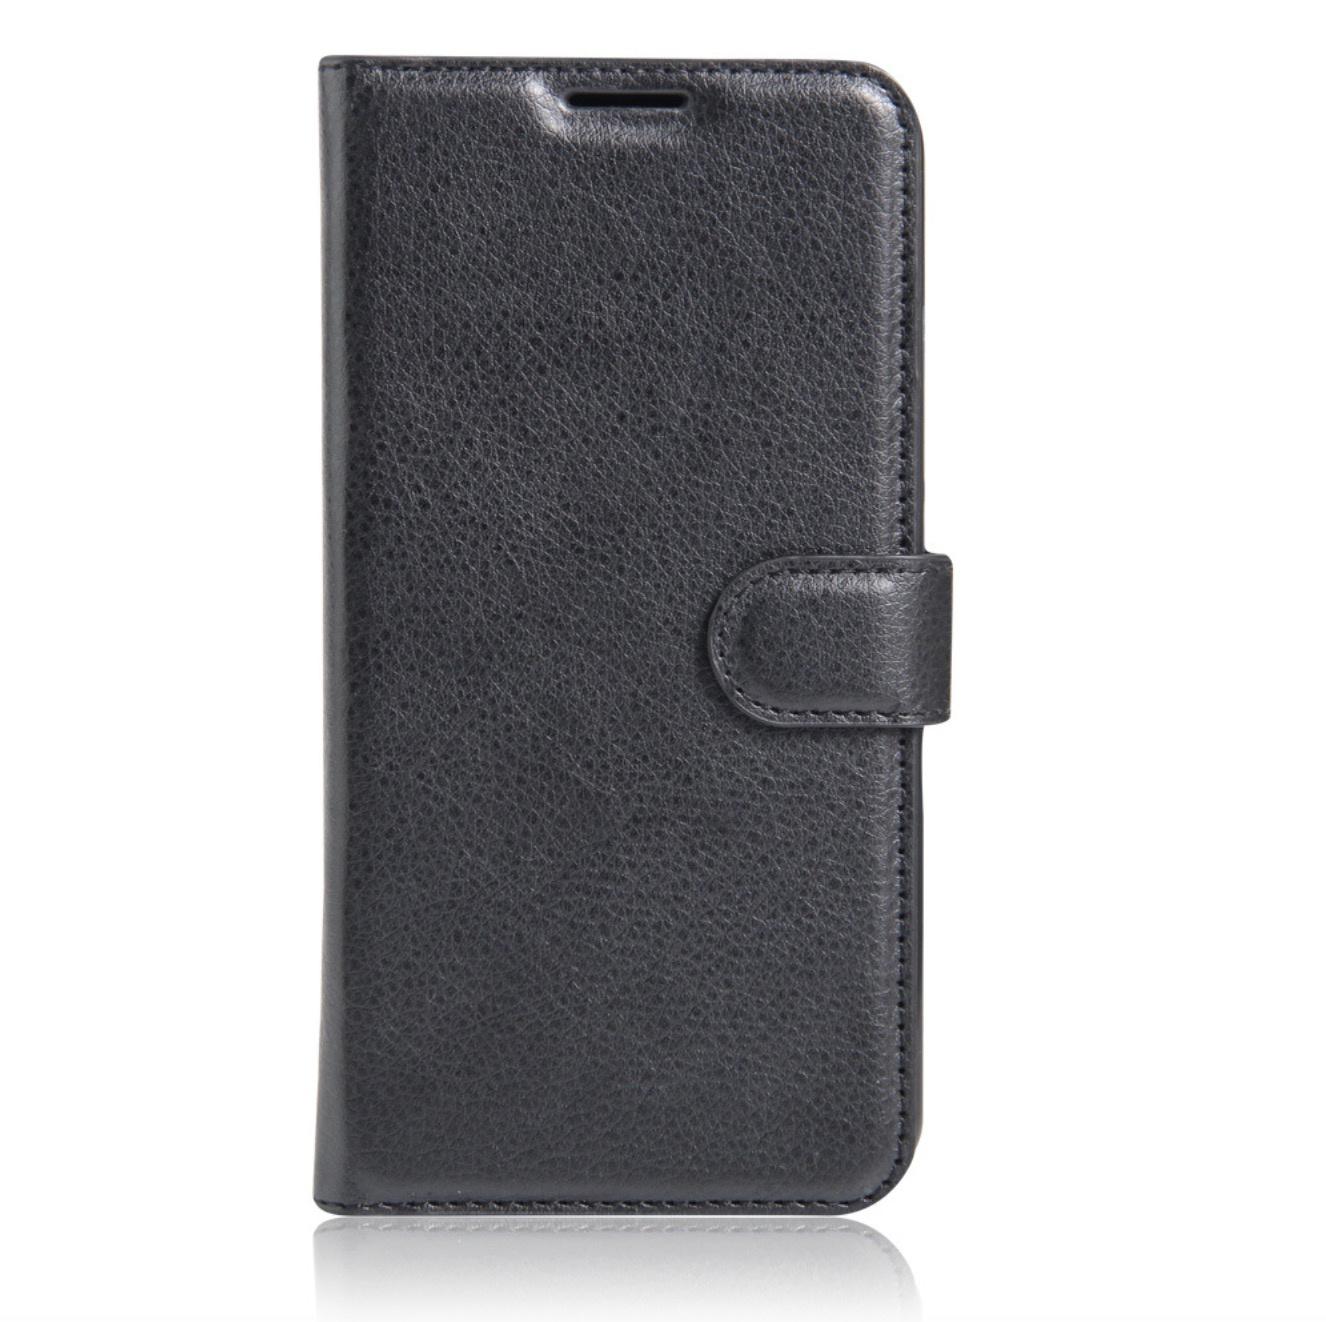 Чехол-книжка MyPads для Sony Xperia C S39h / C2304 / C2305 с мульти-подставкой застёжкой и визитницей черный